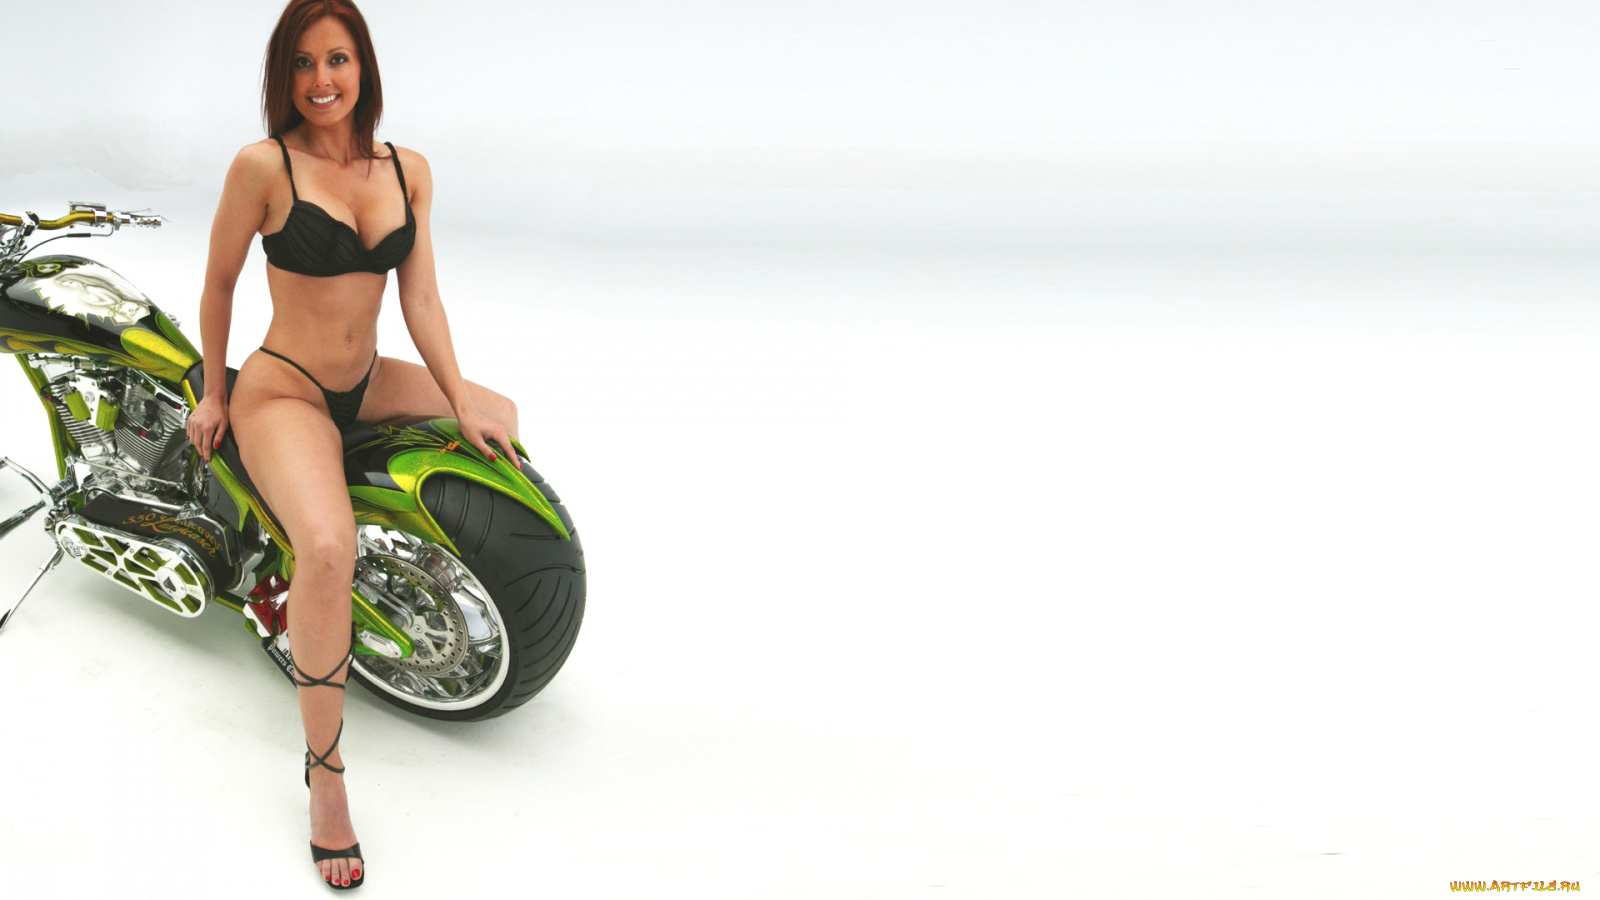 девушка мотоцикл без смс